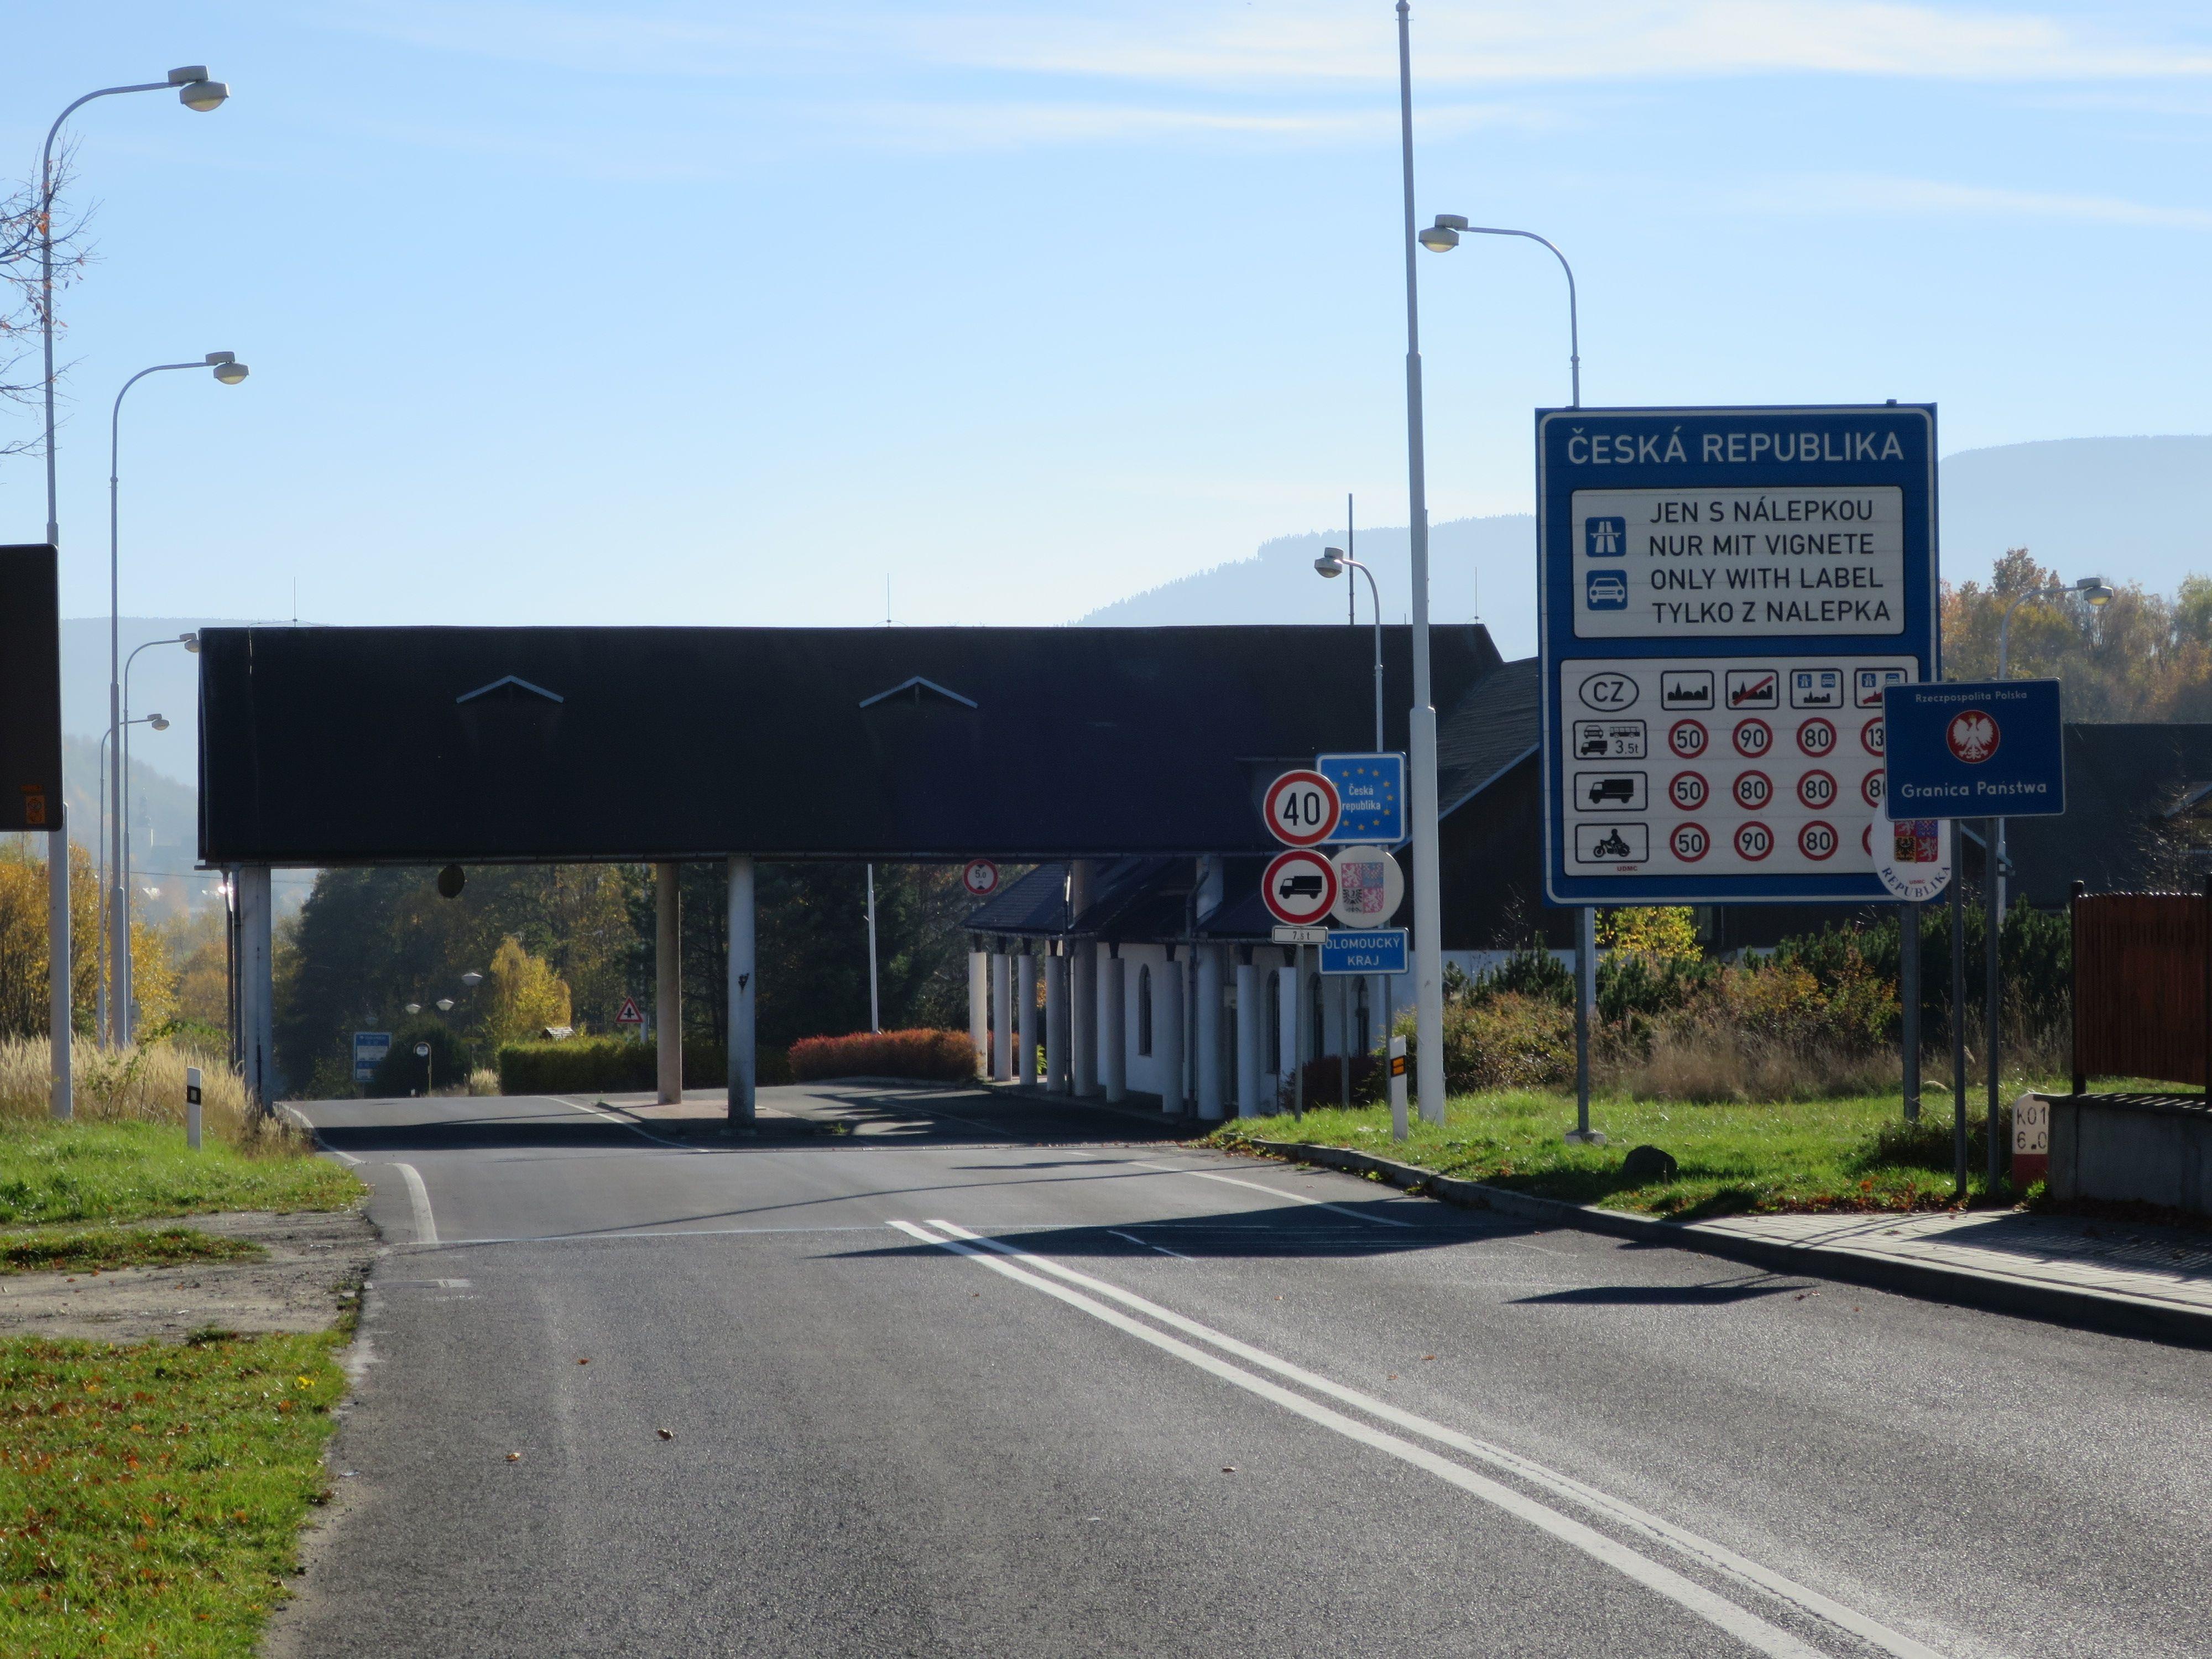 Strzały ostrzegawcze na granicy polsko-czeskiej w Pilszczu. Wojsko twierdzi, że to skutek niezastosowania się mężczyzny do poleceń żołnierzy